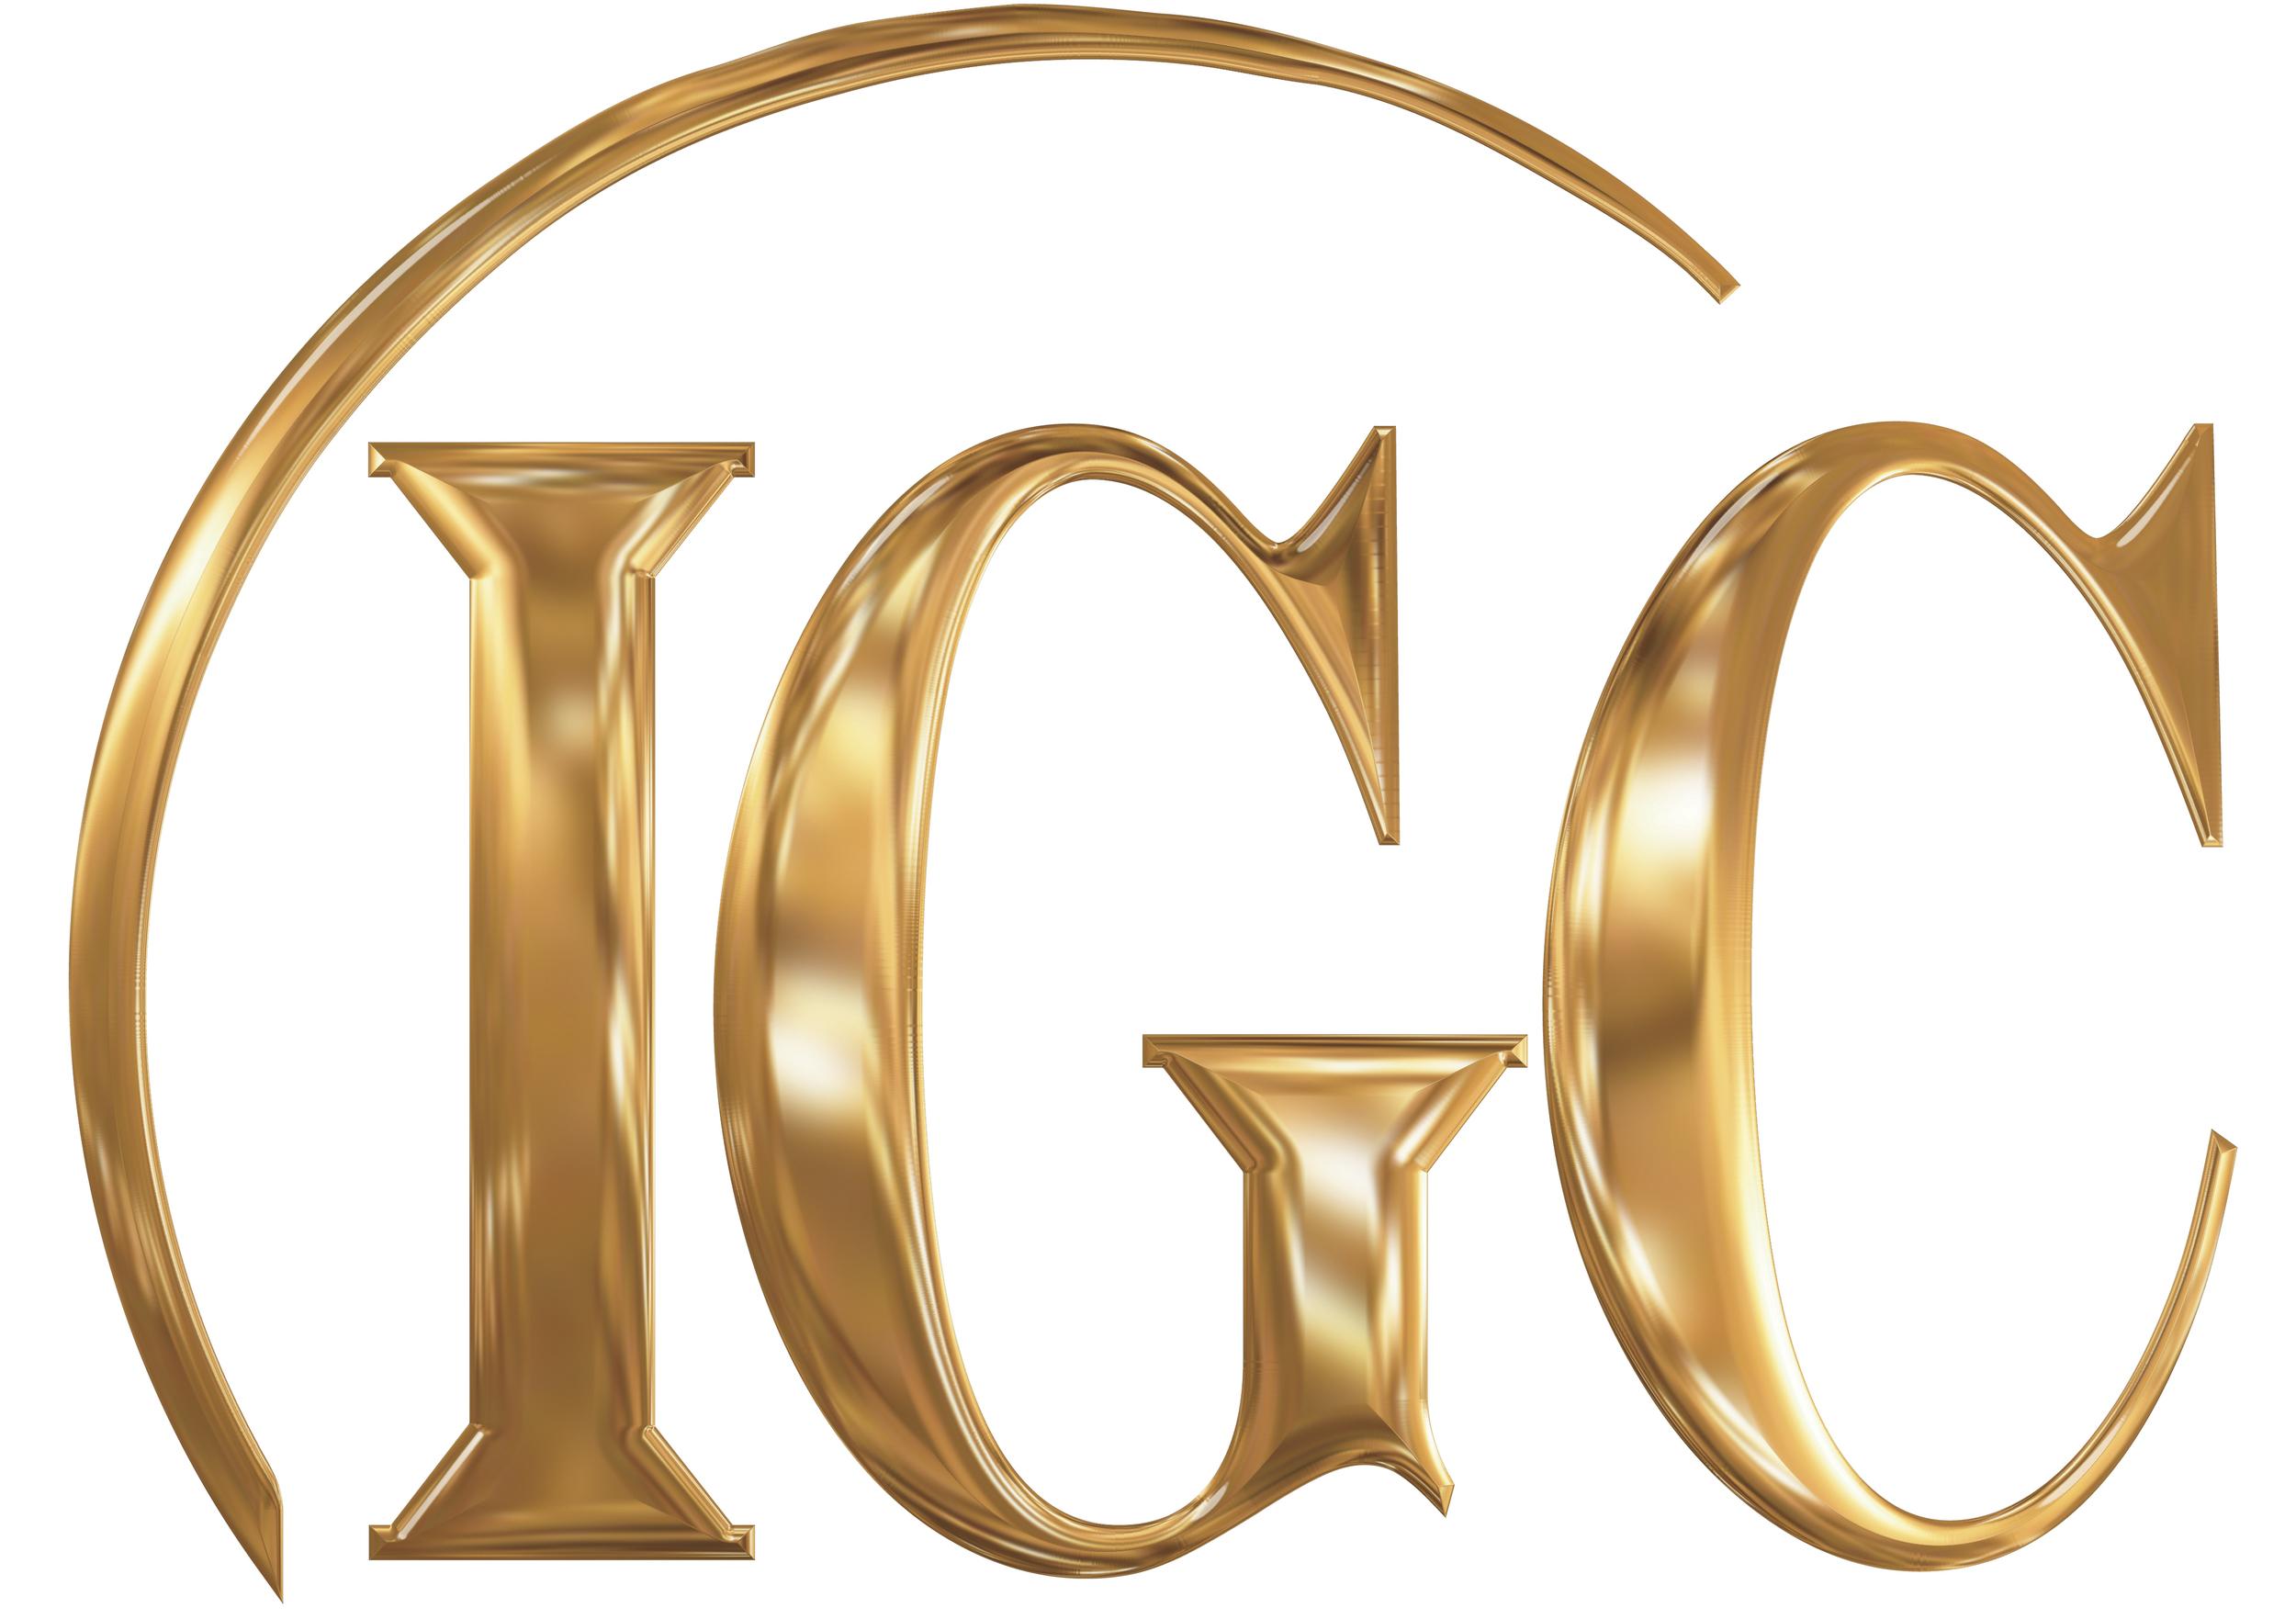 IGCEast_Gold2014_brighter.jpg